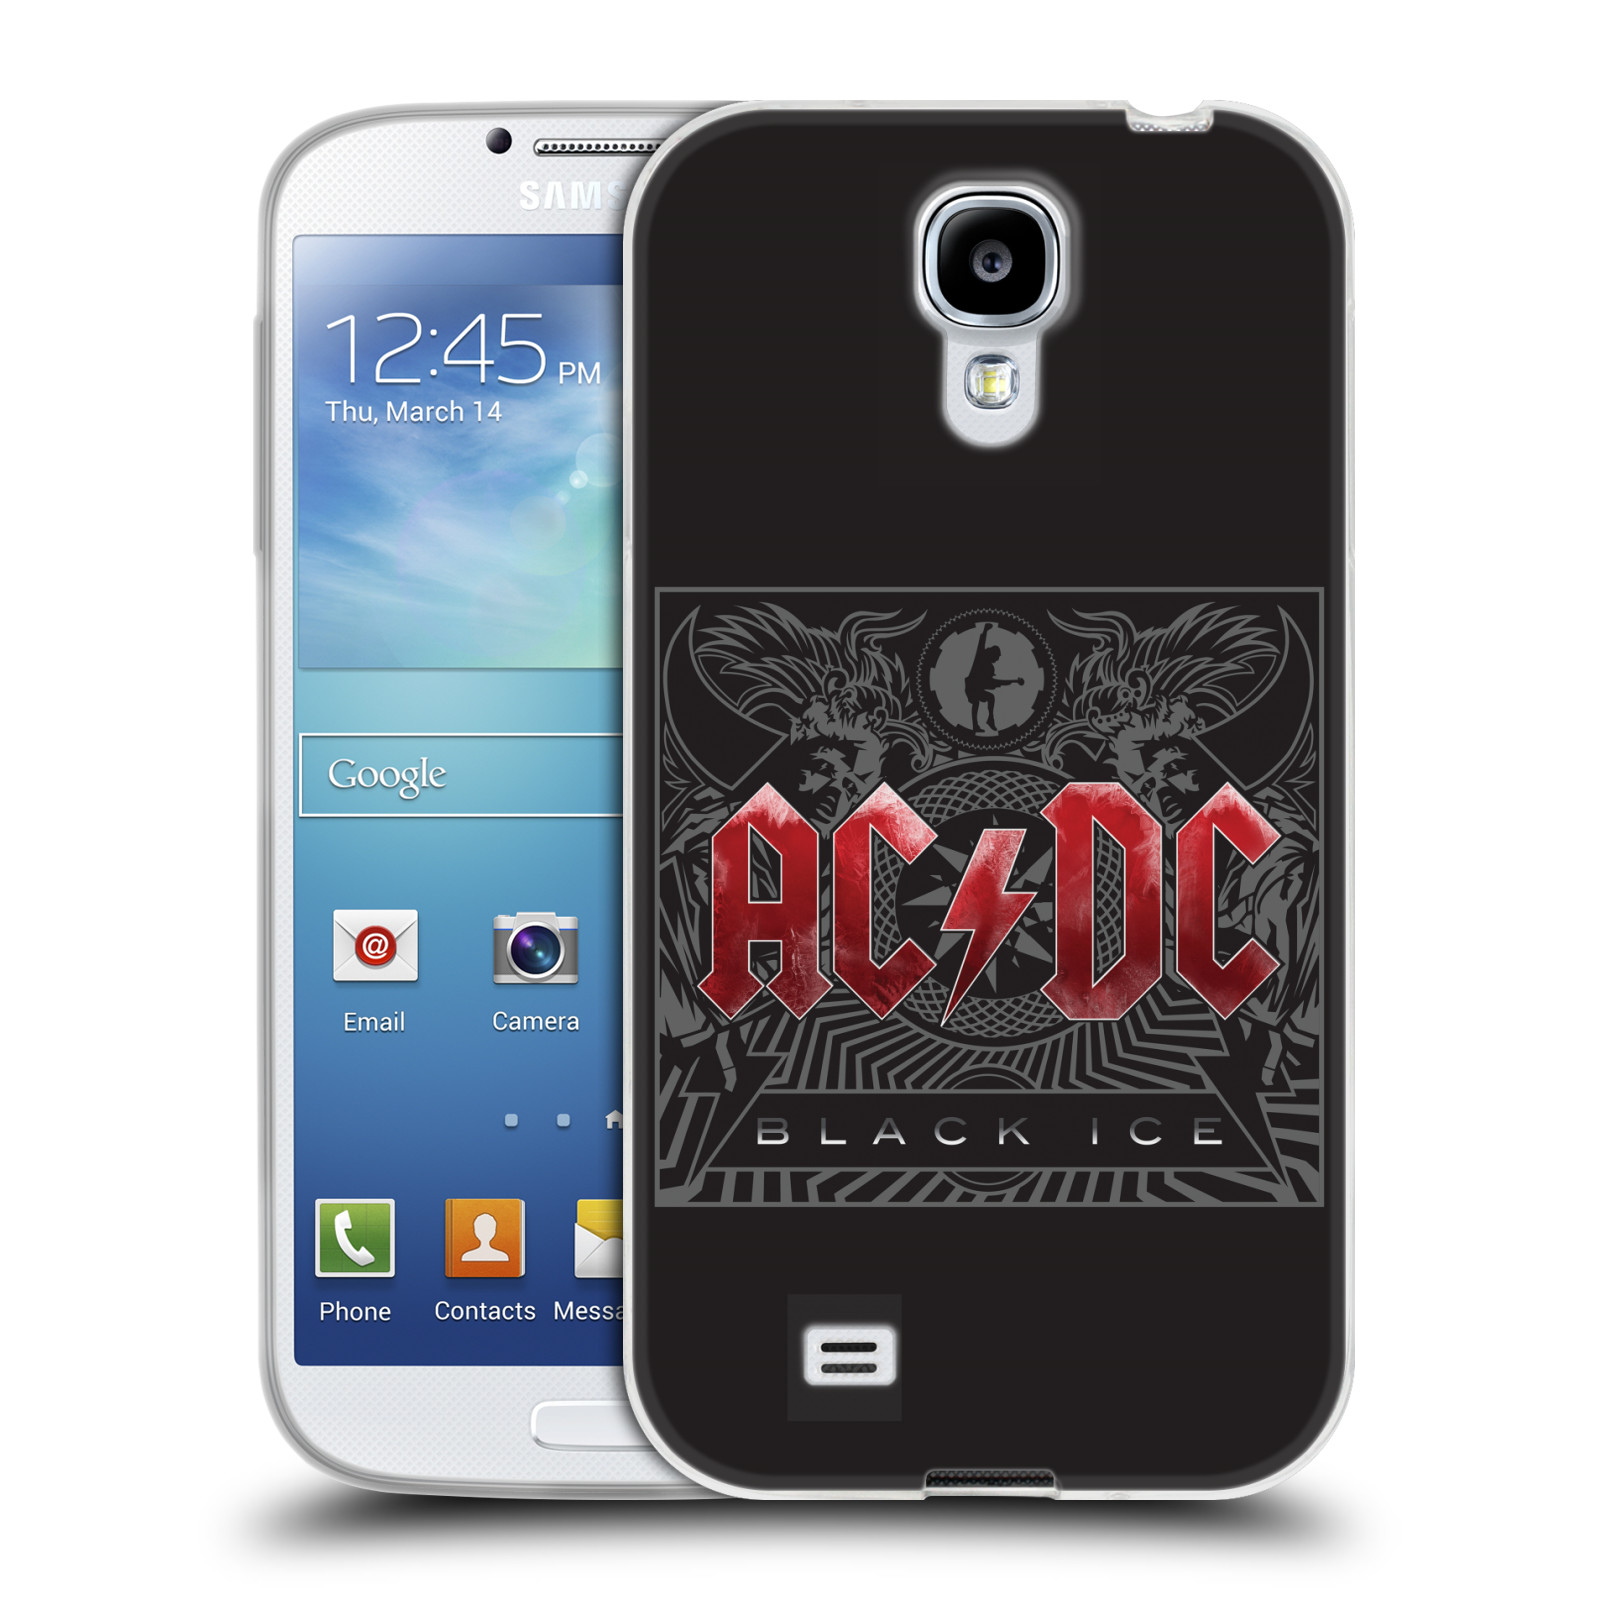 Silikonové pouzdro na mobil Samsung Galaxy S4 HEAD CASE AC/DC Black Ice (Silikonový kryt či obal na mobilní telefon s oficiálním motivem australské skupiny AC/DC pro Samsung Galaxy S4 GT-i9505 / i9500)